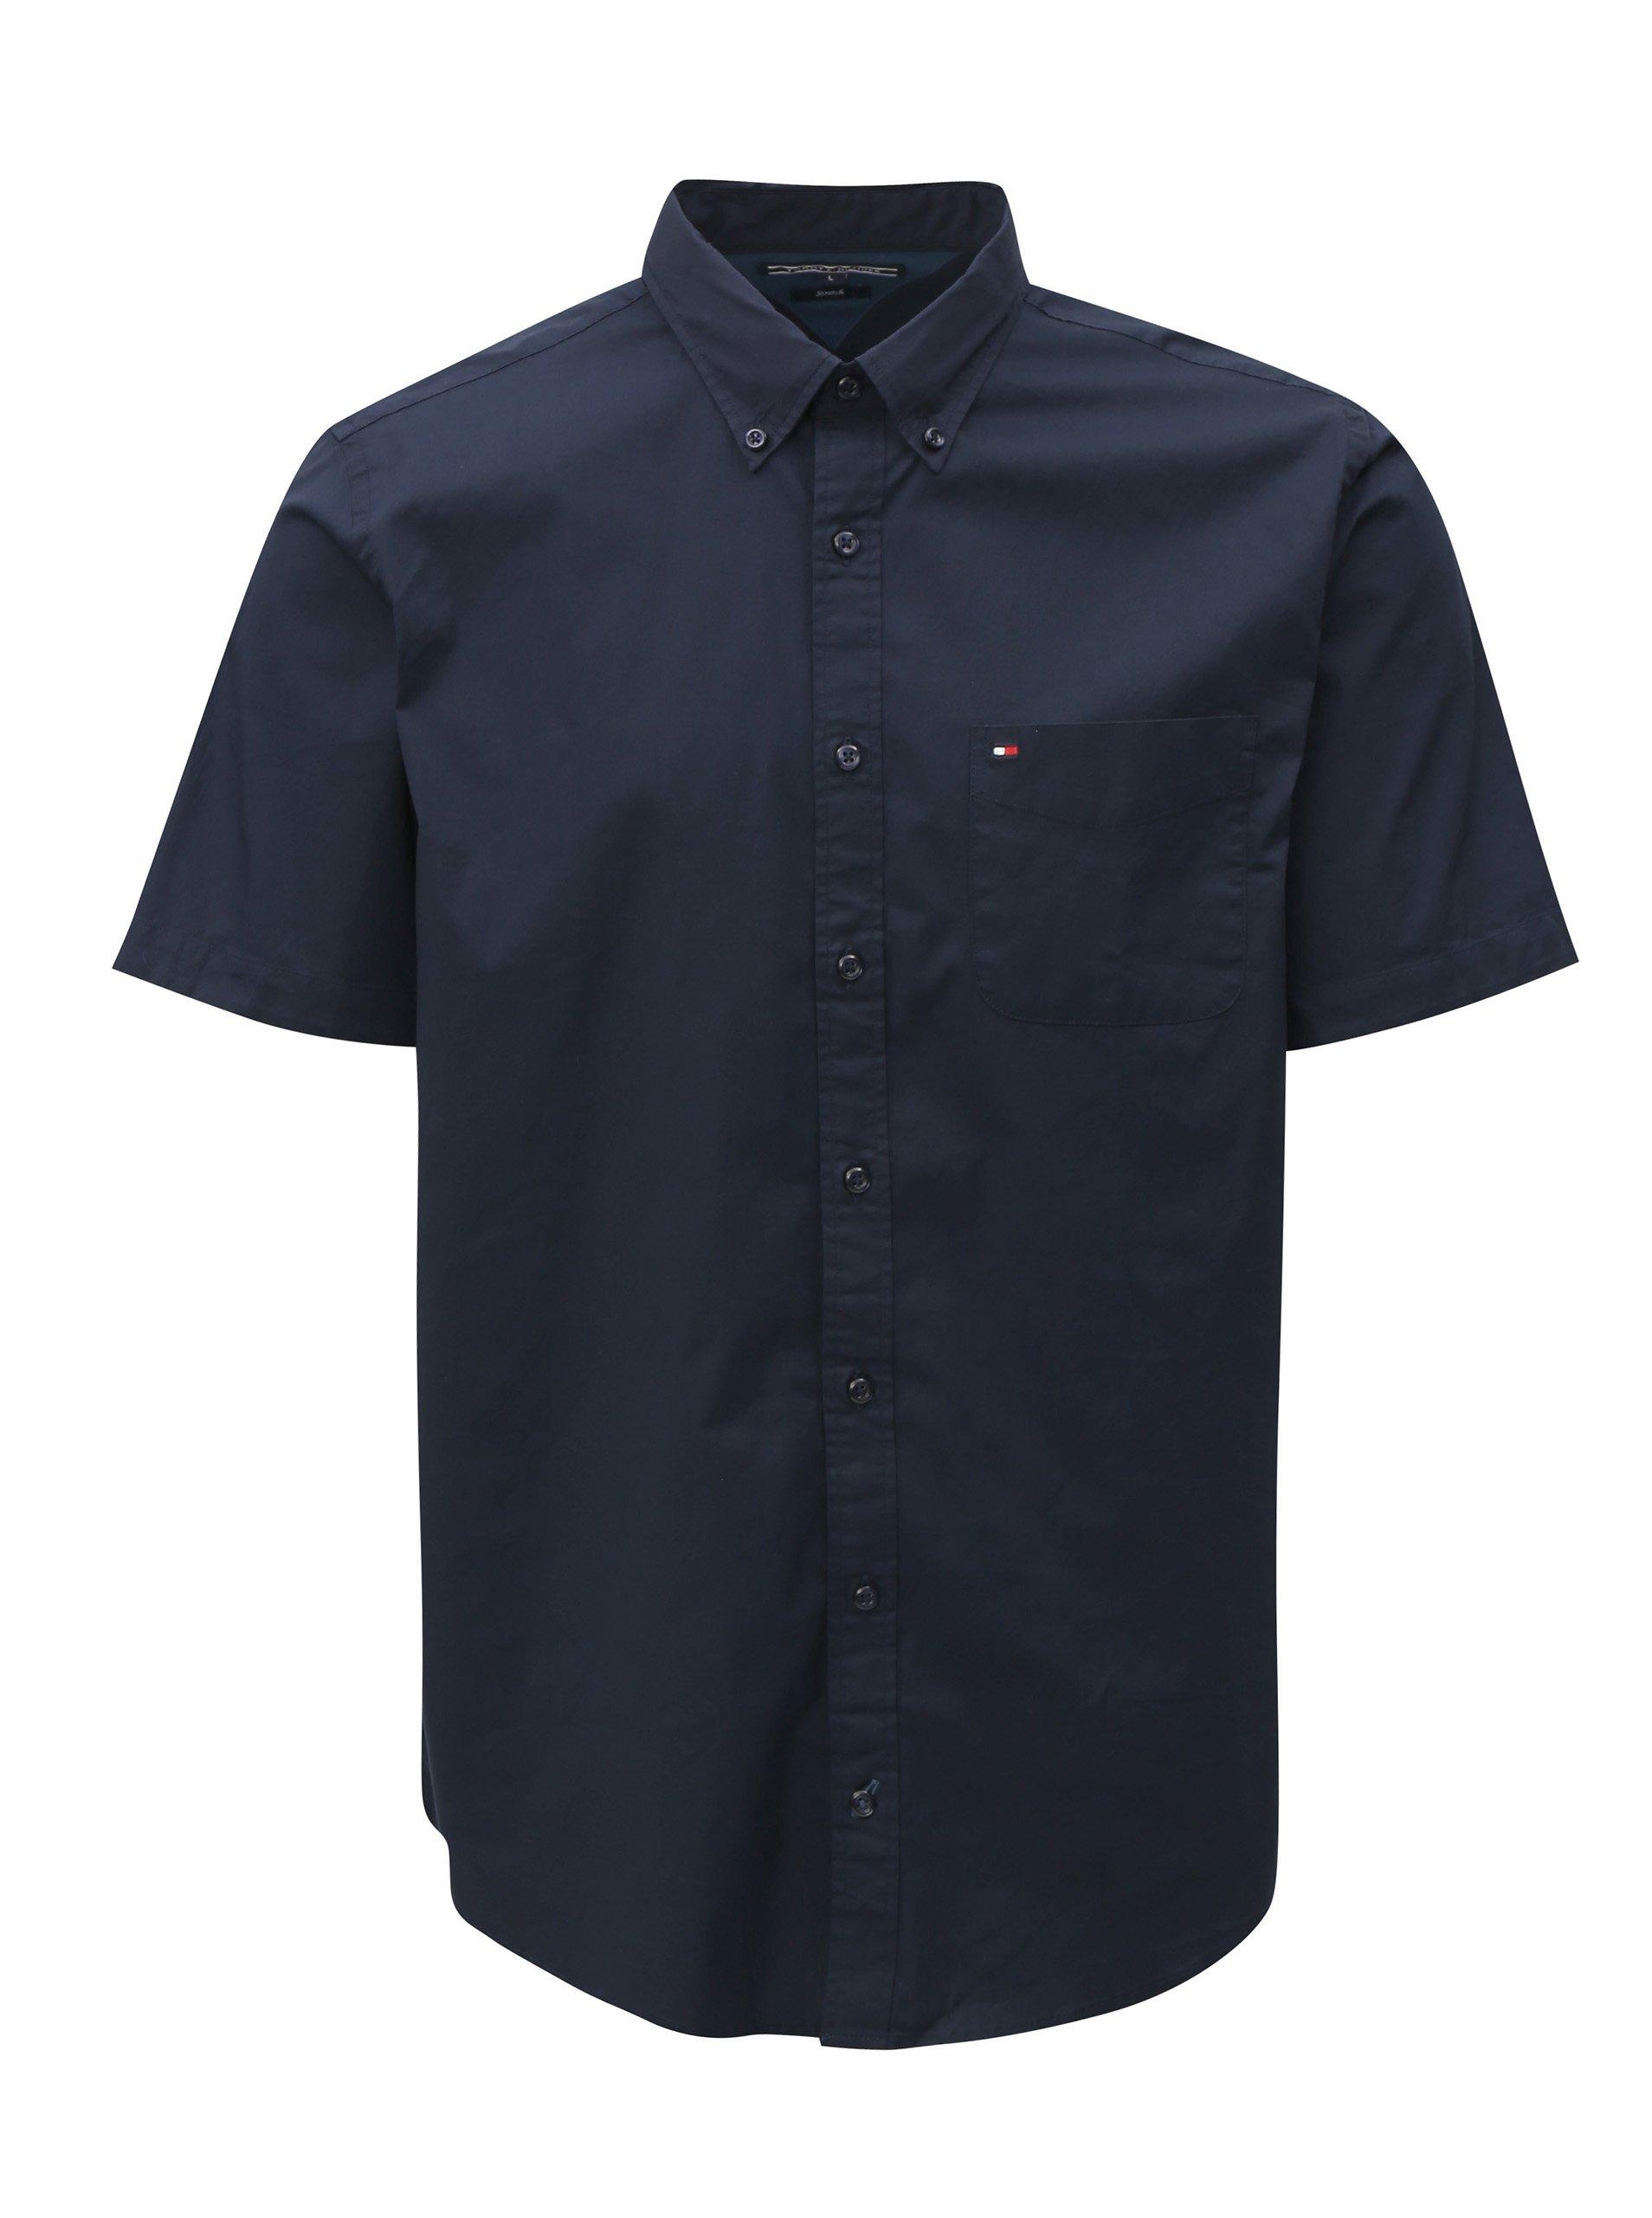 f1775f4a625 Tmavě modrá pánská košile s krátkým rukávem Tommy Hilfiger